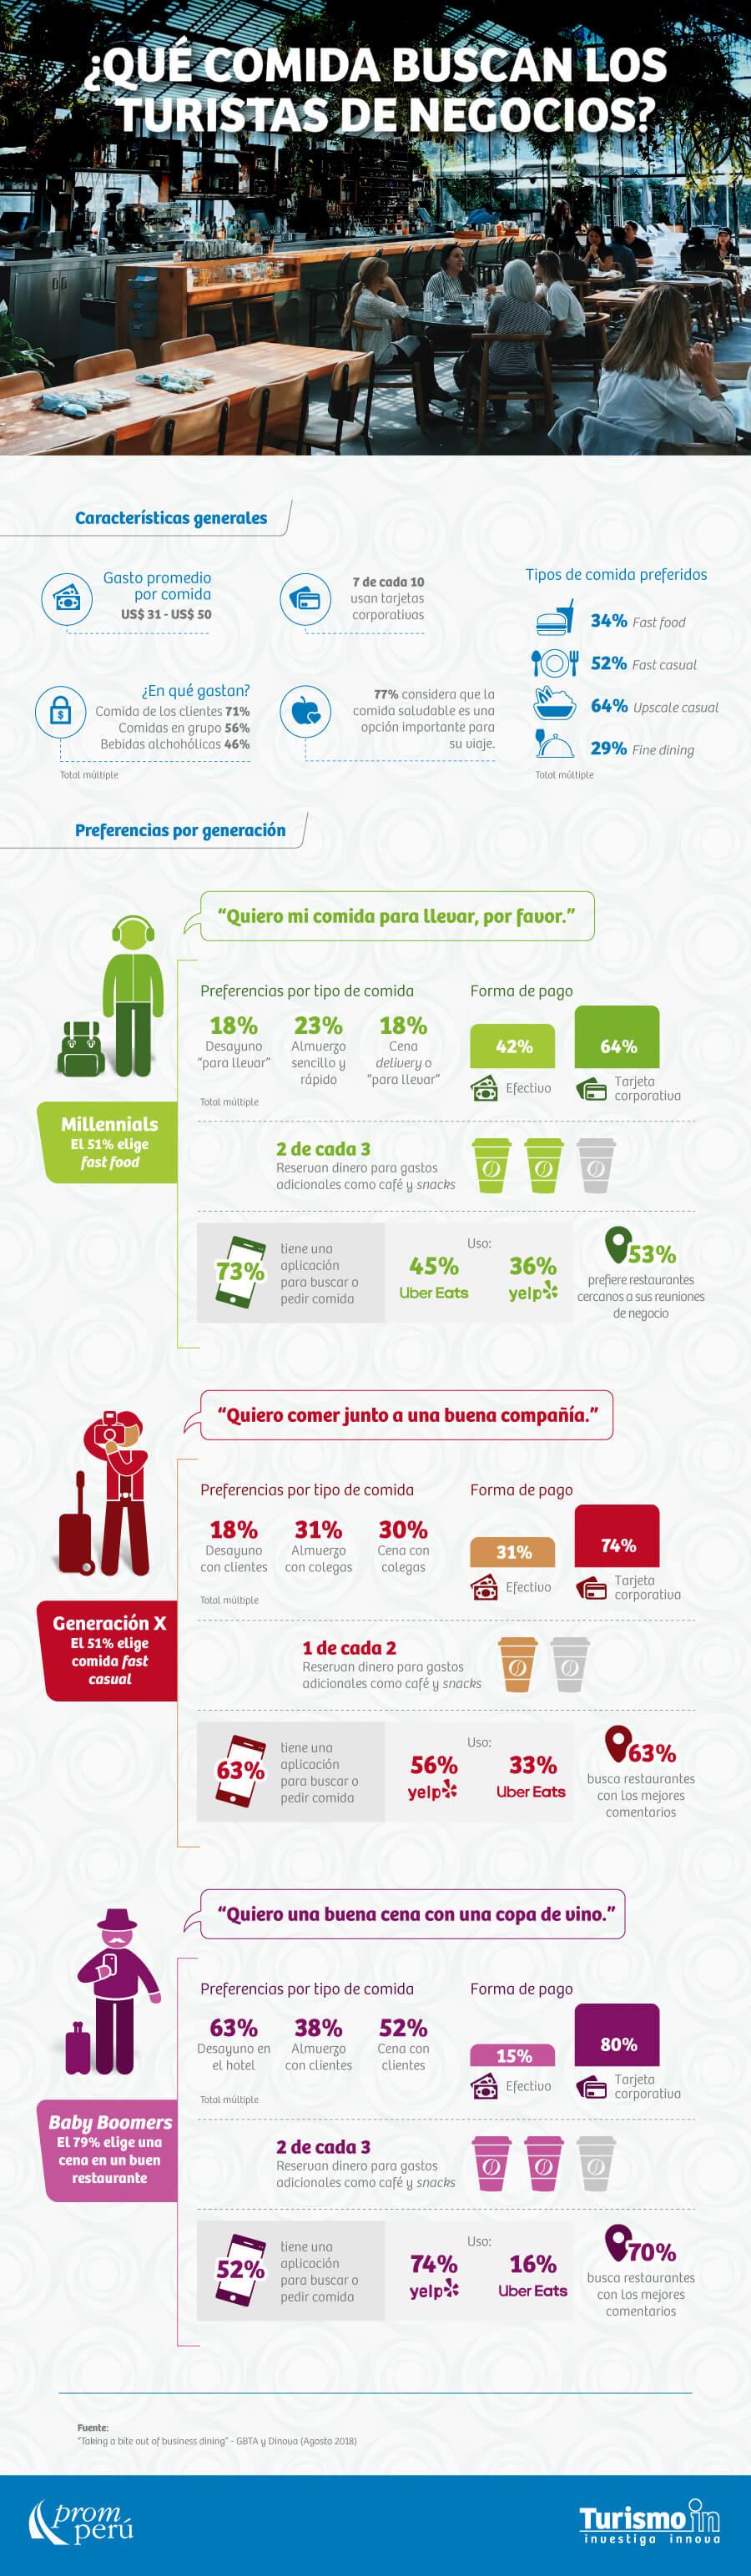 Las preferencias de comida del turista de negocios